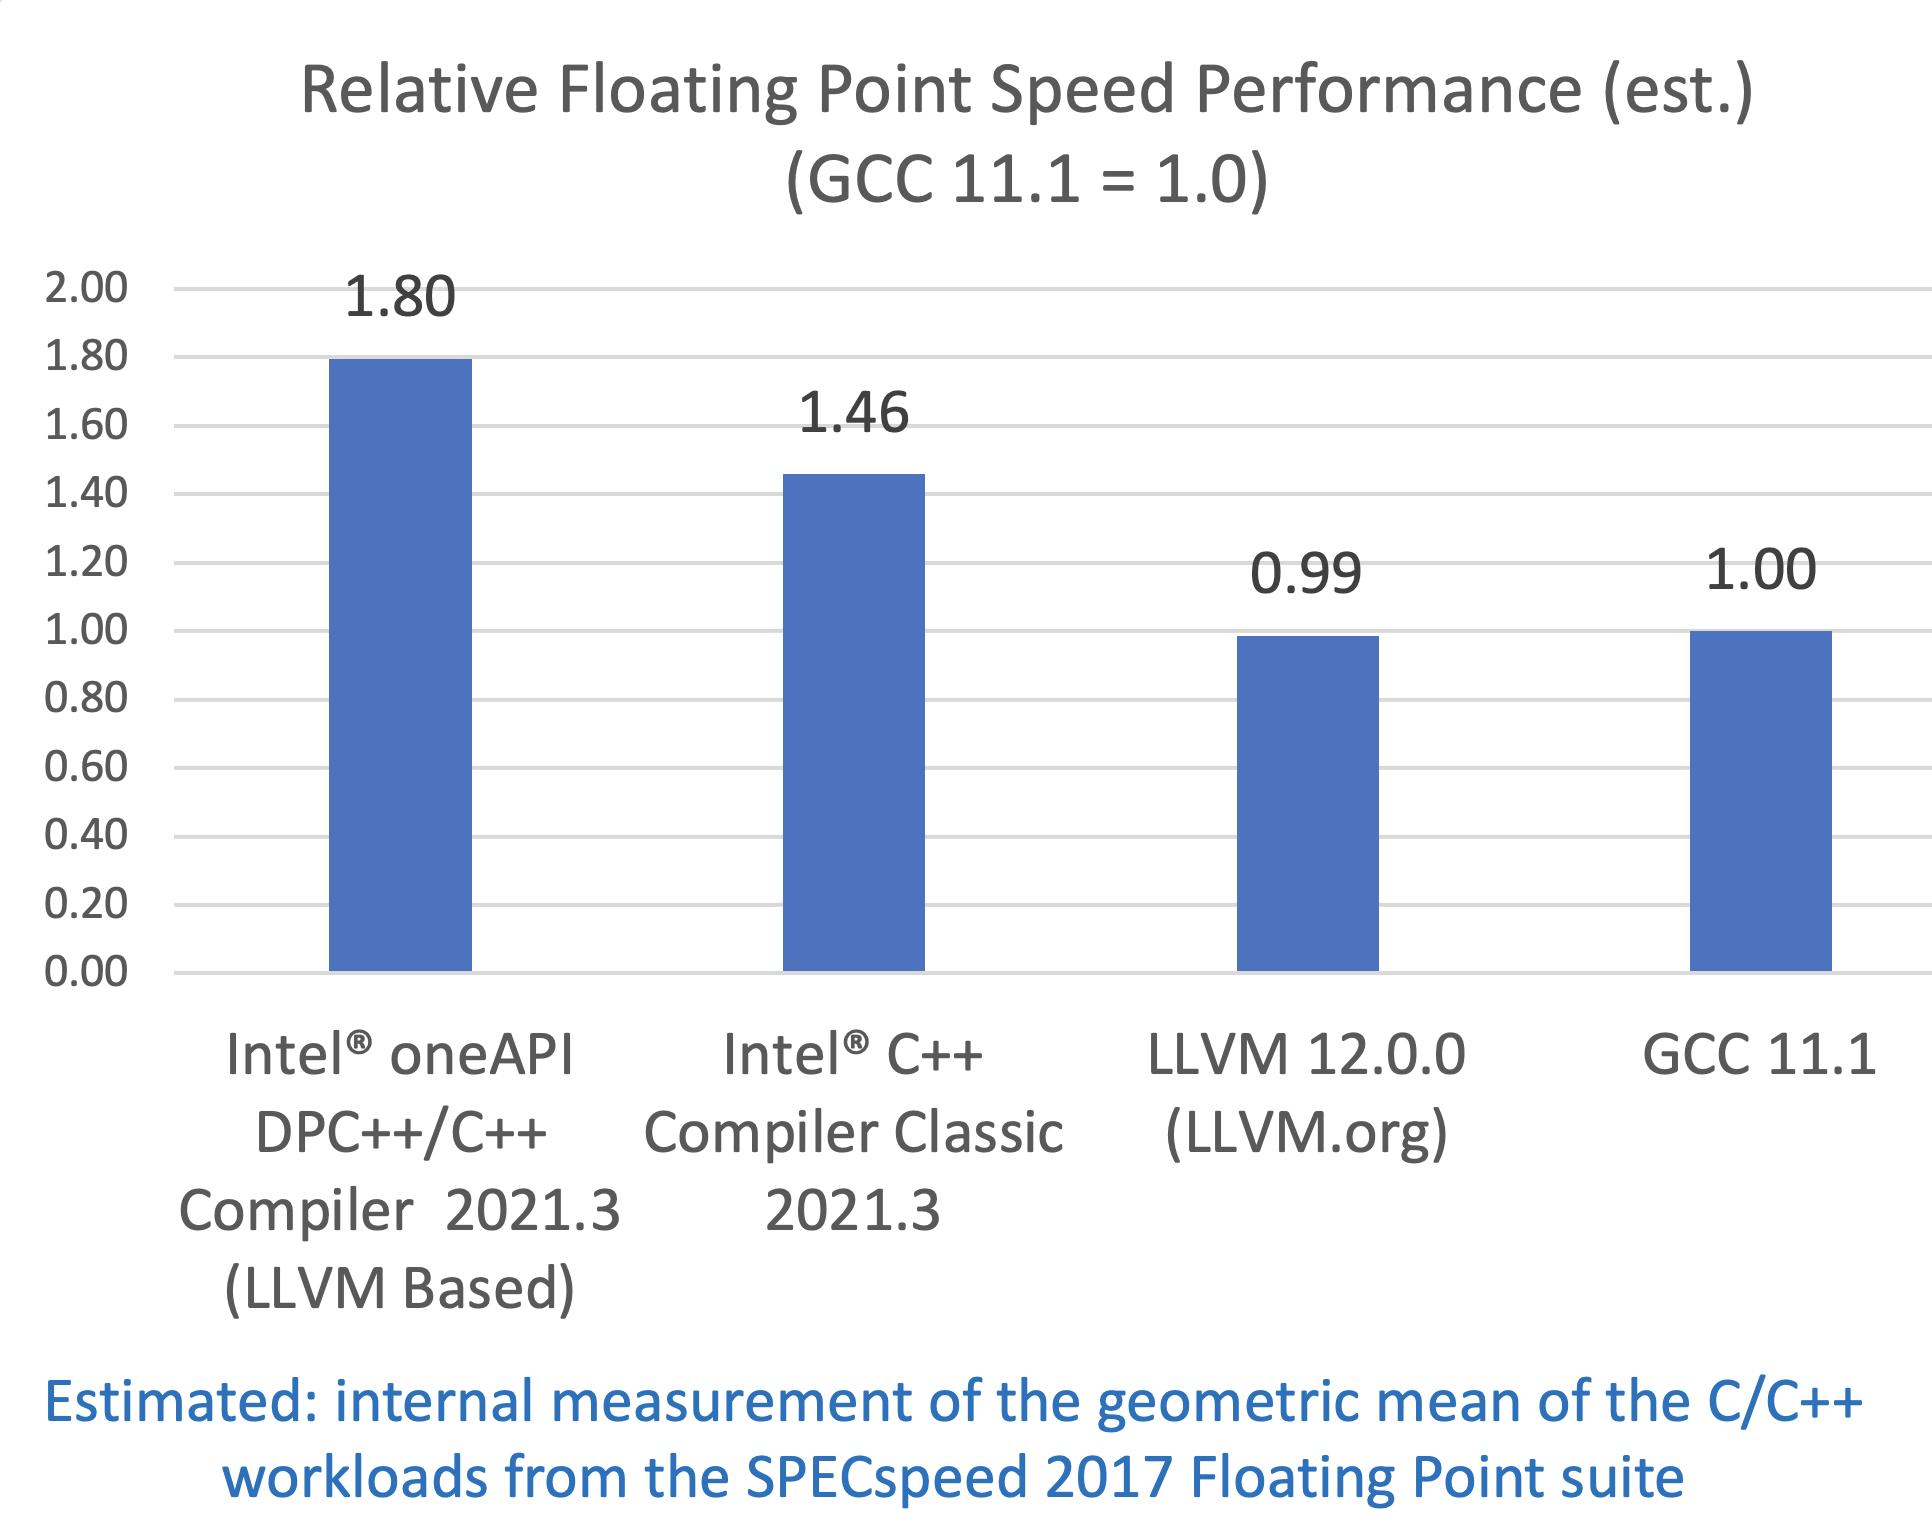 インテル® Xeon® Platinum 8380 プロセッサー上でのほかのコンパイラーと比較した SPECspeed* 2017 FP (推定値) パフォーマンスの優位性